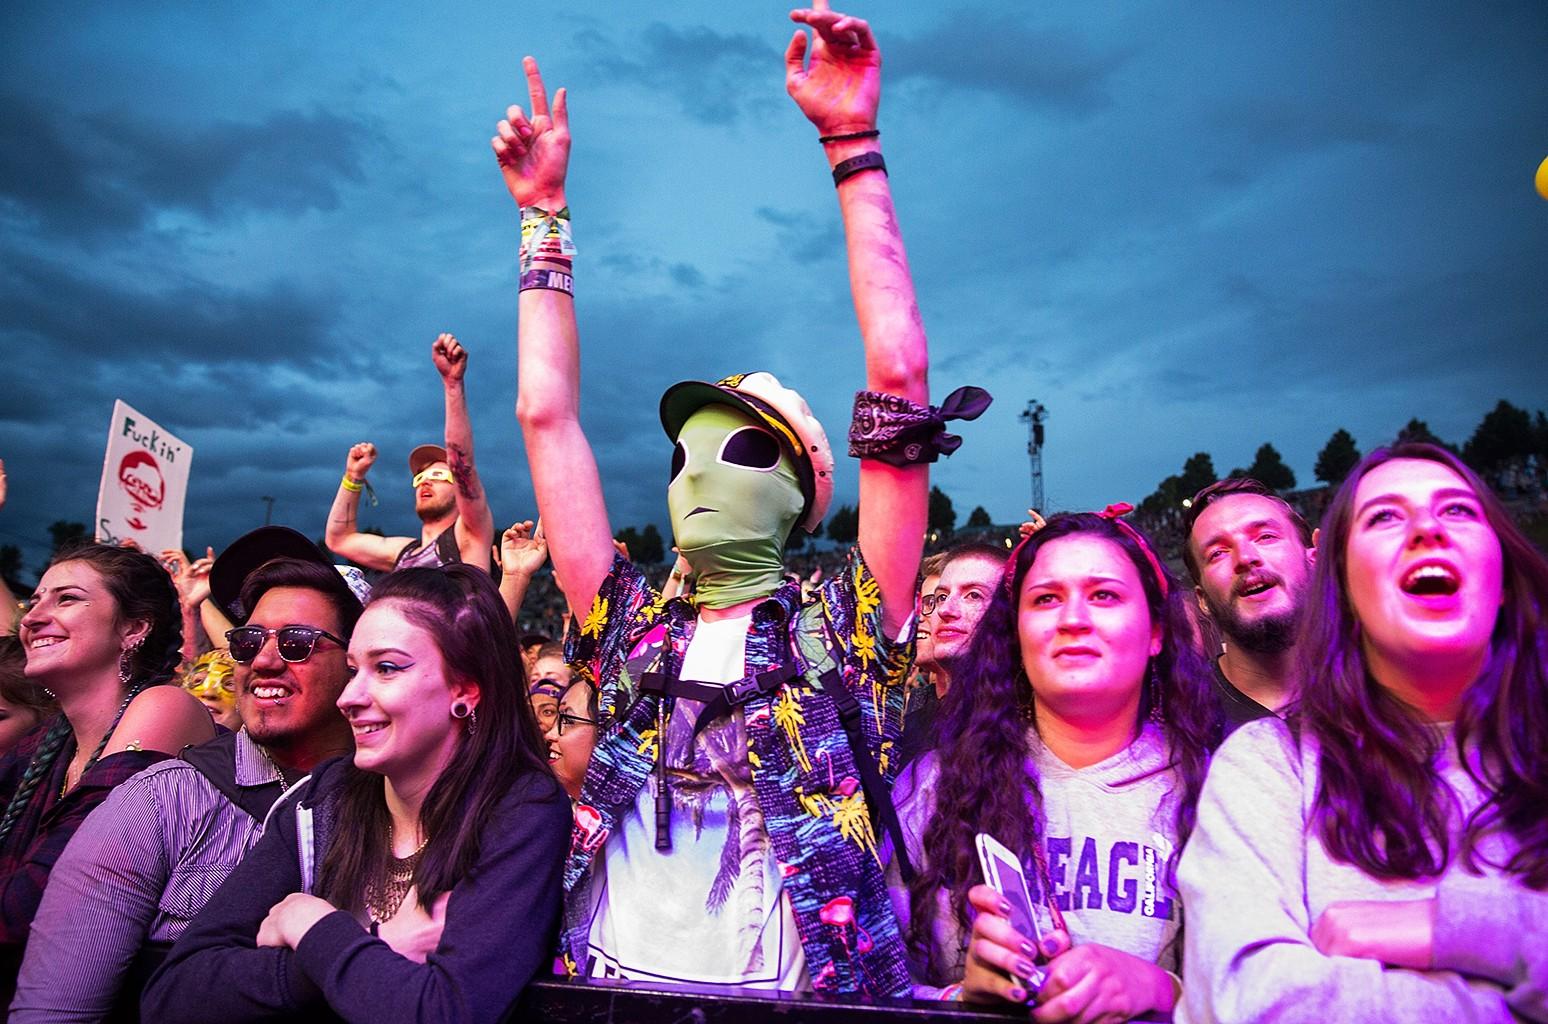 Fans enjoy Sasquatch Music Festival 2016